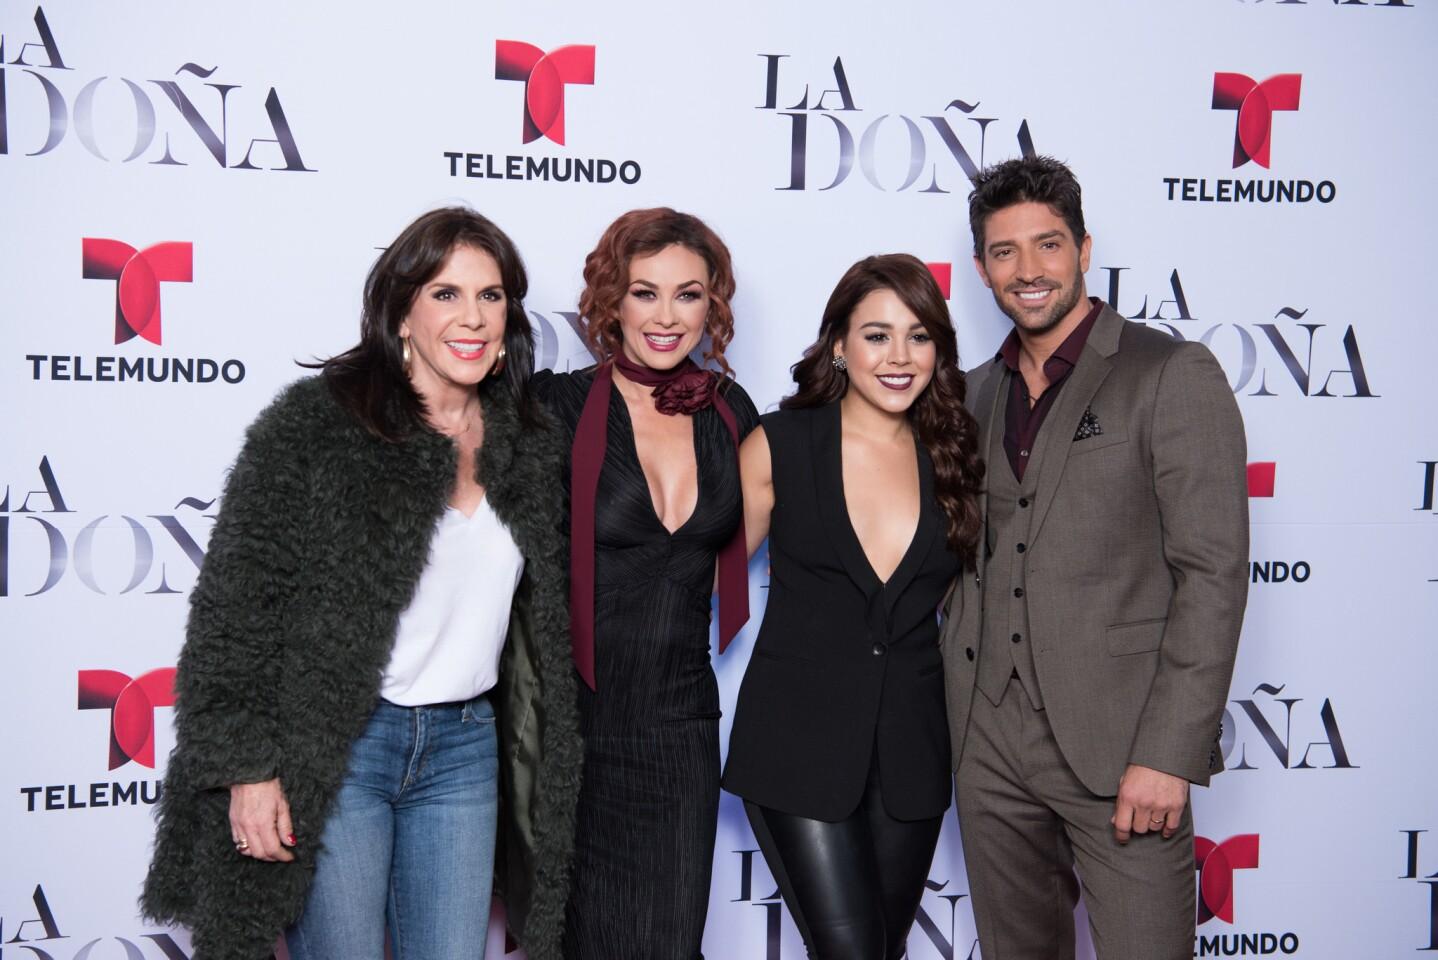 """Parte de elenco de la serie 'La Do–a"""" durante el lanzamiento de esta producci—n de Telemundo."""